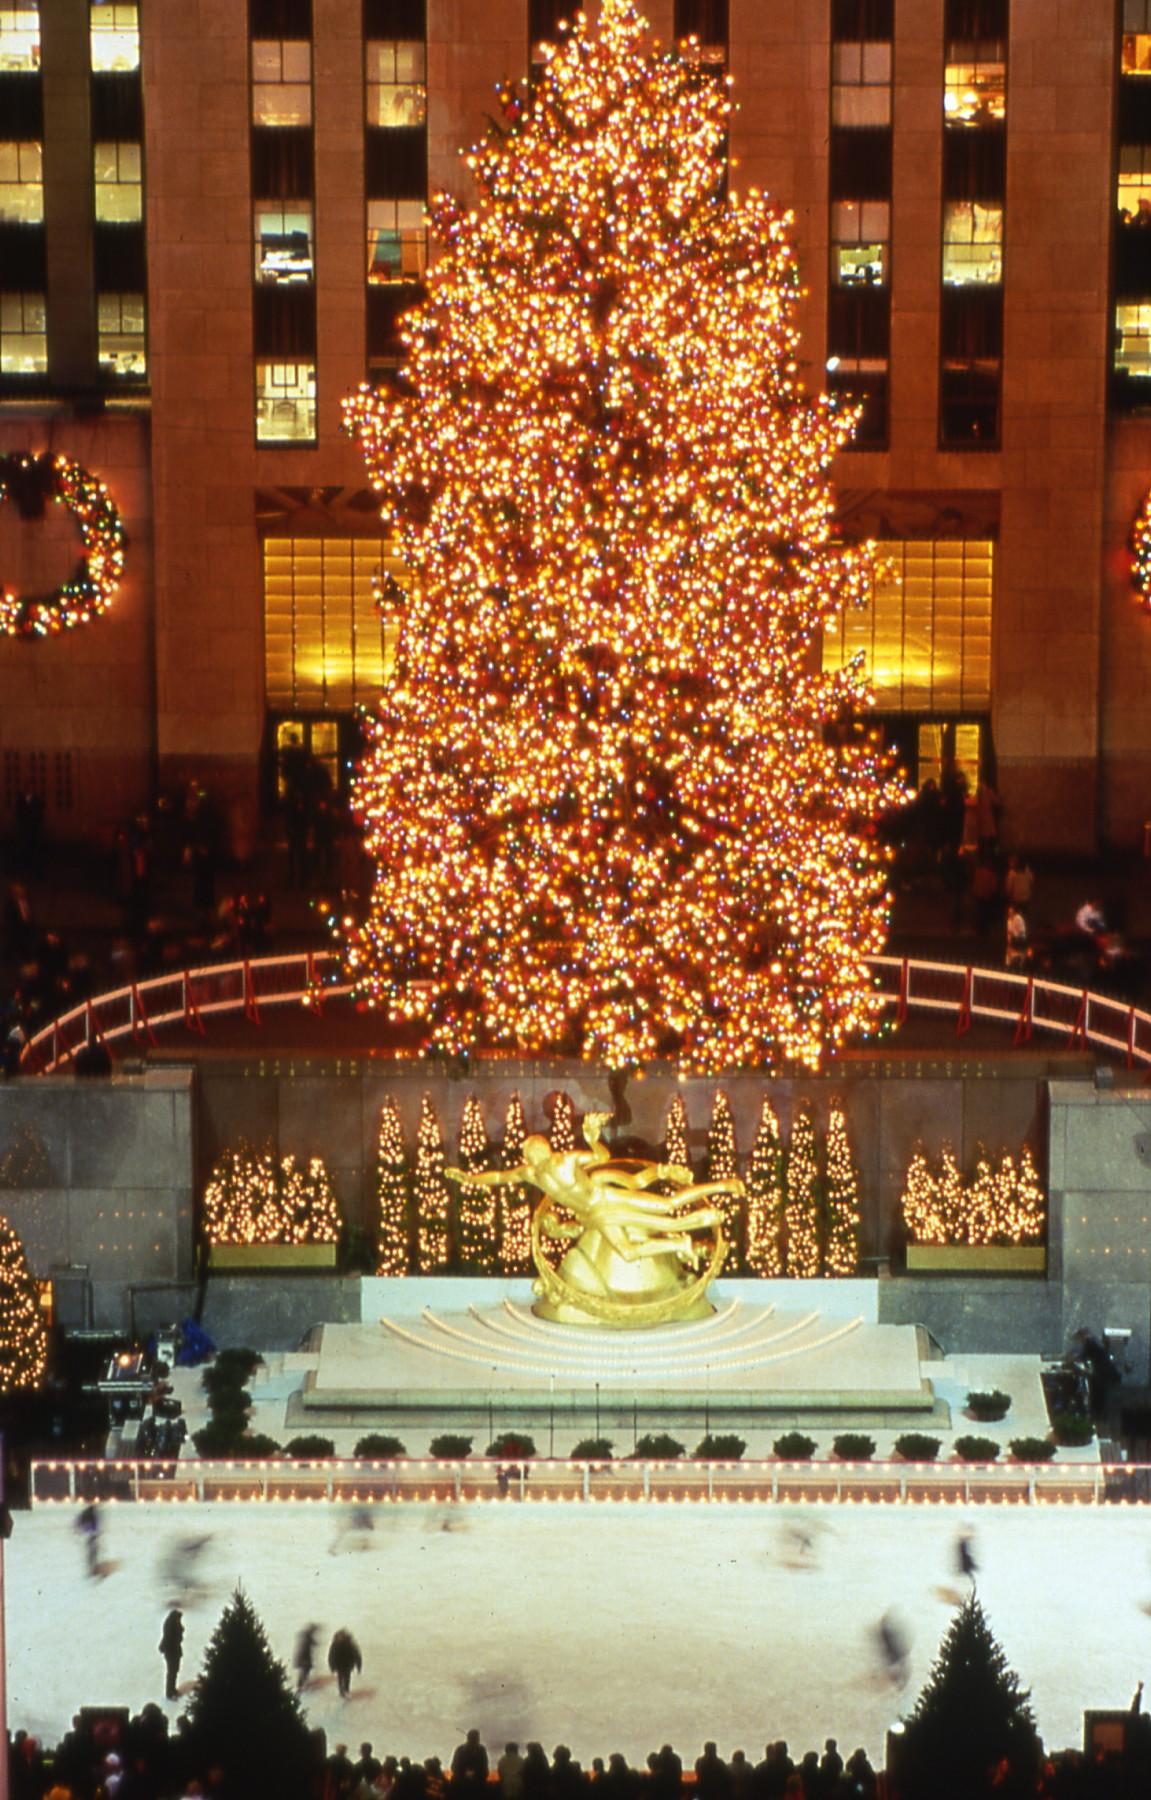 The 1998 Rockefeller Center Christmas Tree | Lauren Lanphear ...